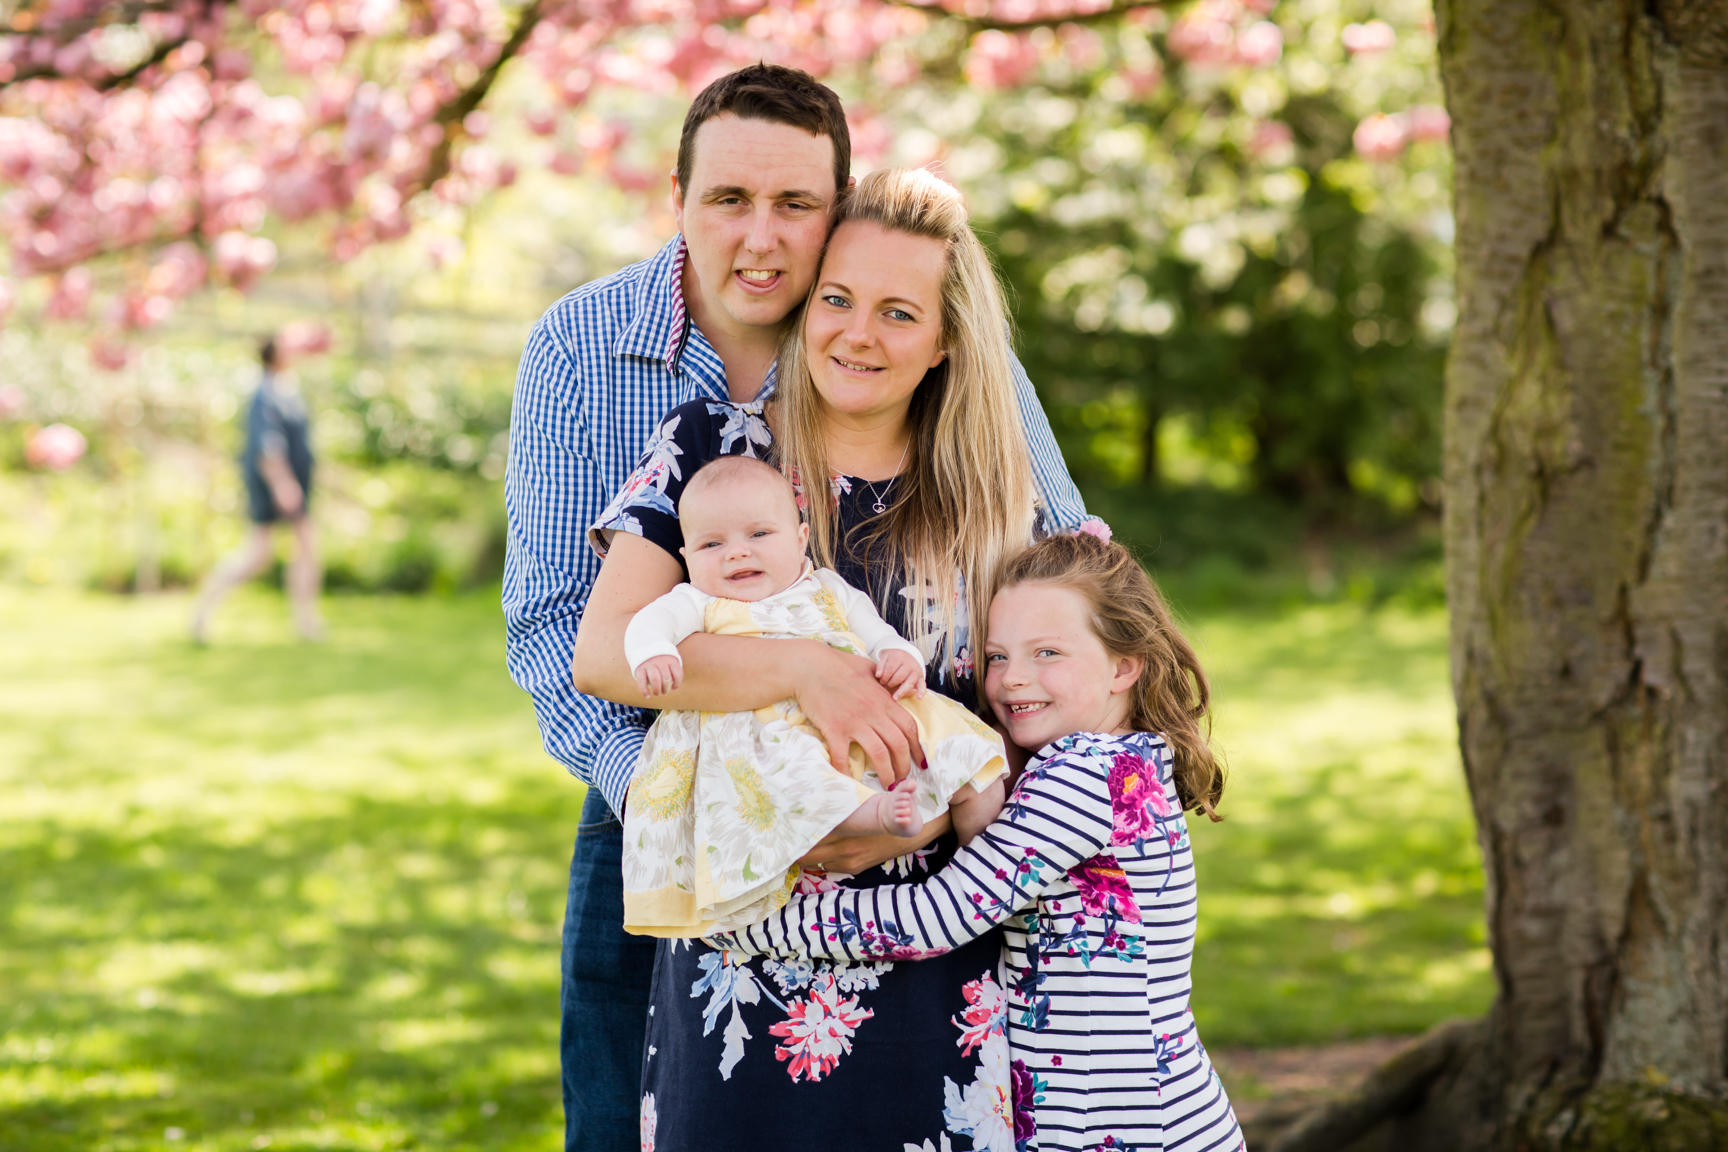 Alice & Family